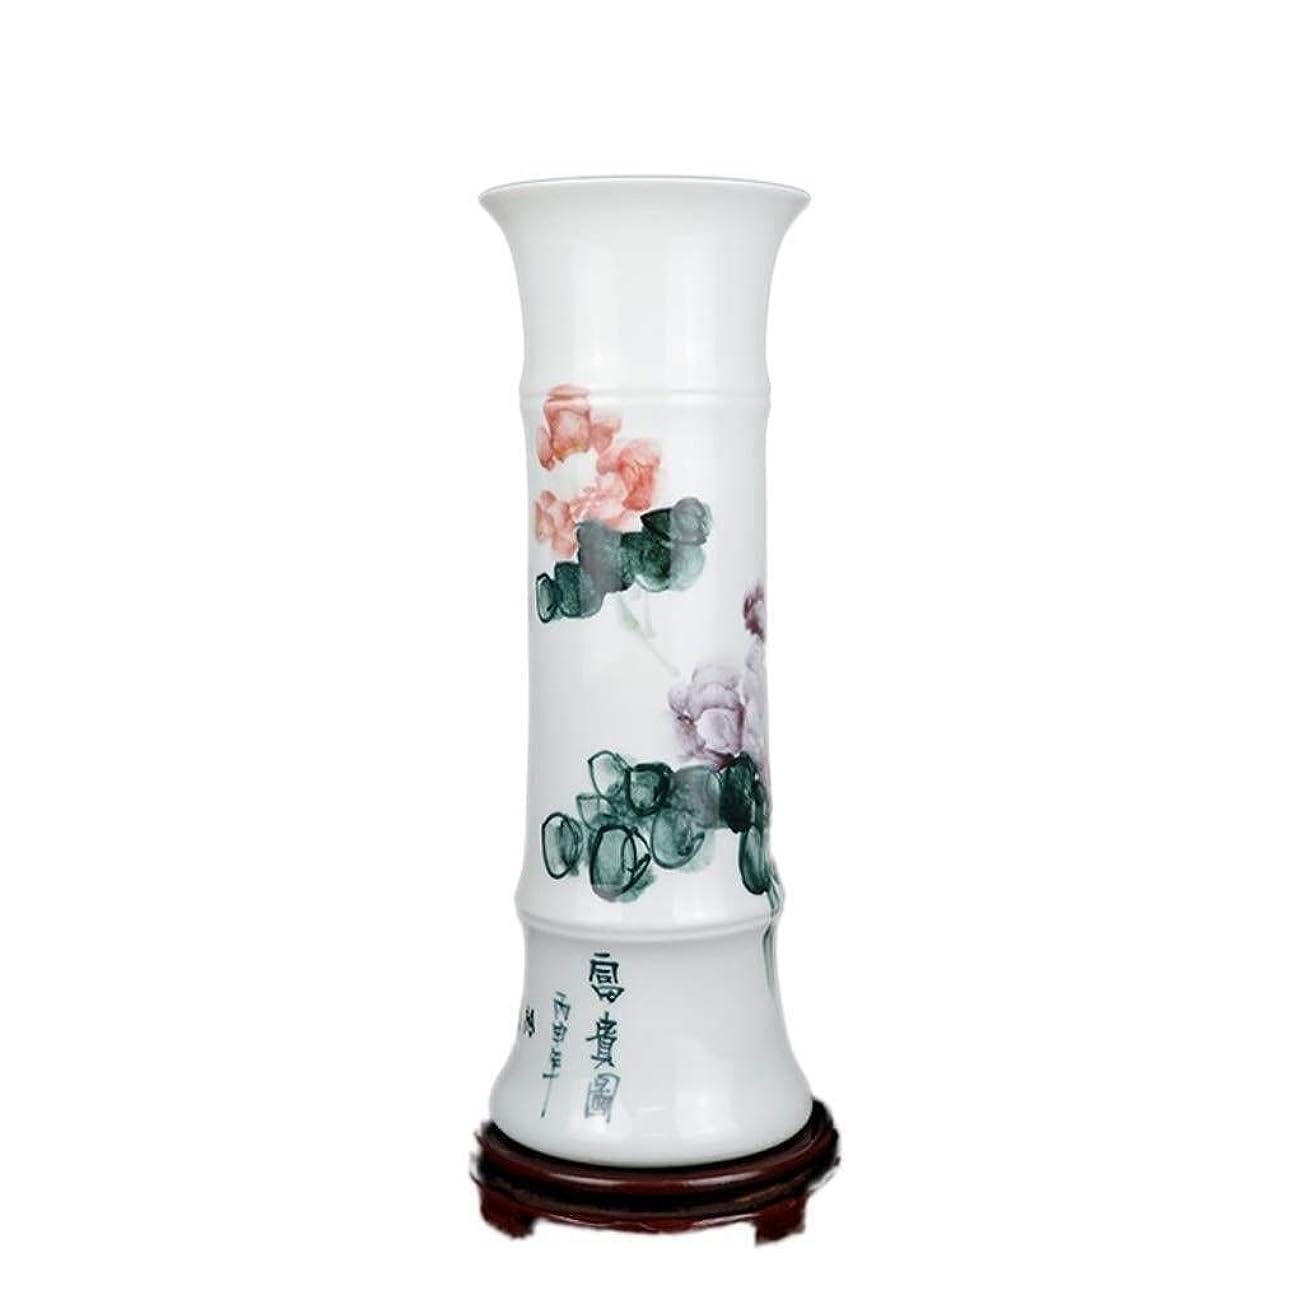 強化するデザート艦隊花瓶 花瓶磁器ボトルエレガントなデザインの白い家の装飾偽36.5cmX12.5cm (Color : C, Size : 36.5cmX12.5cm)